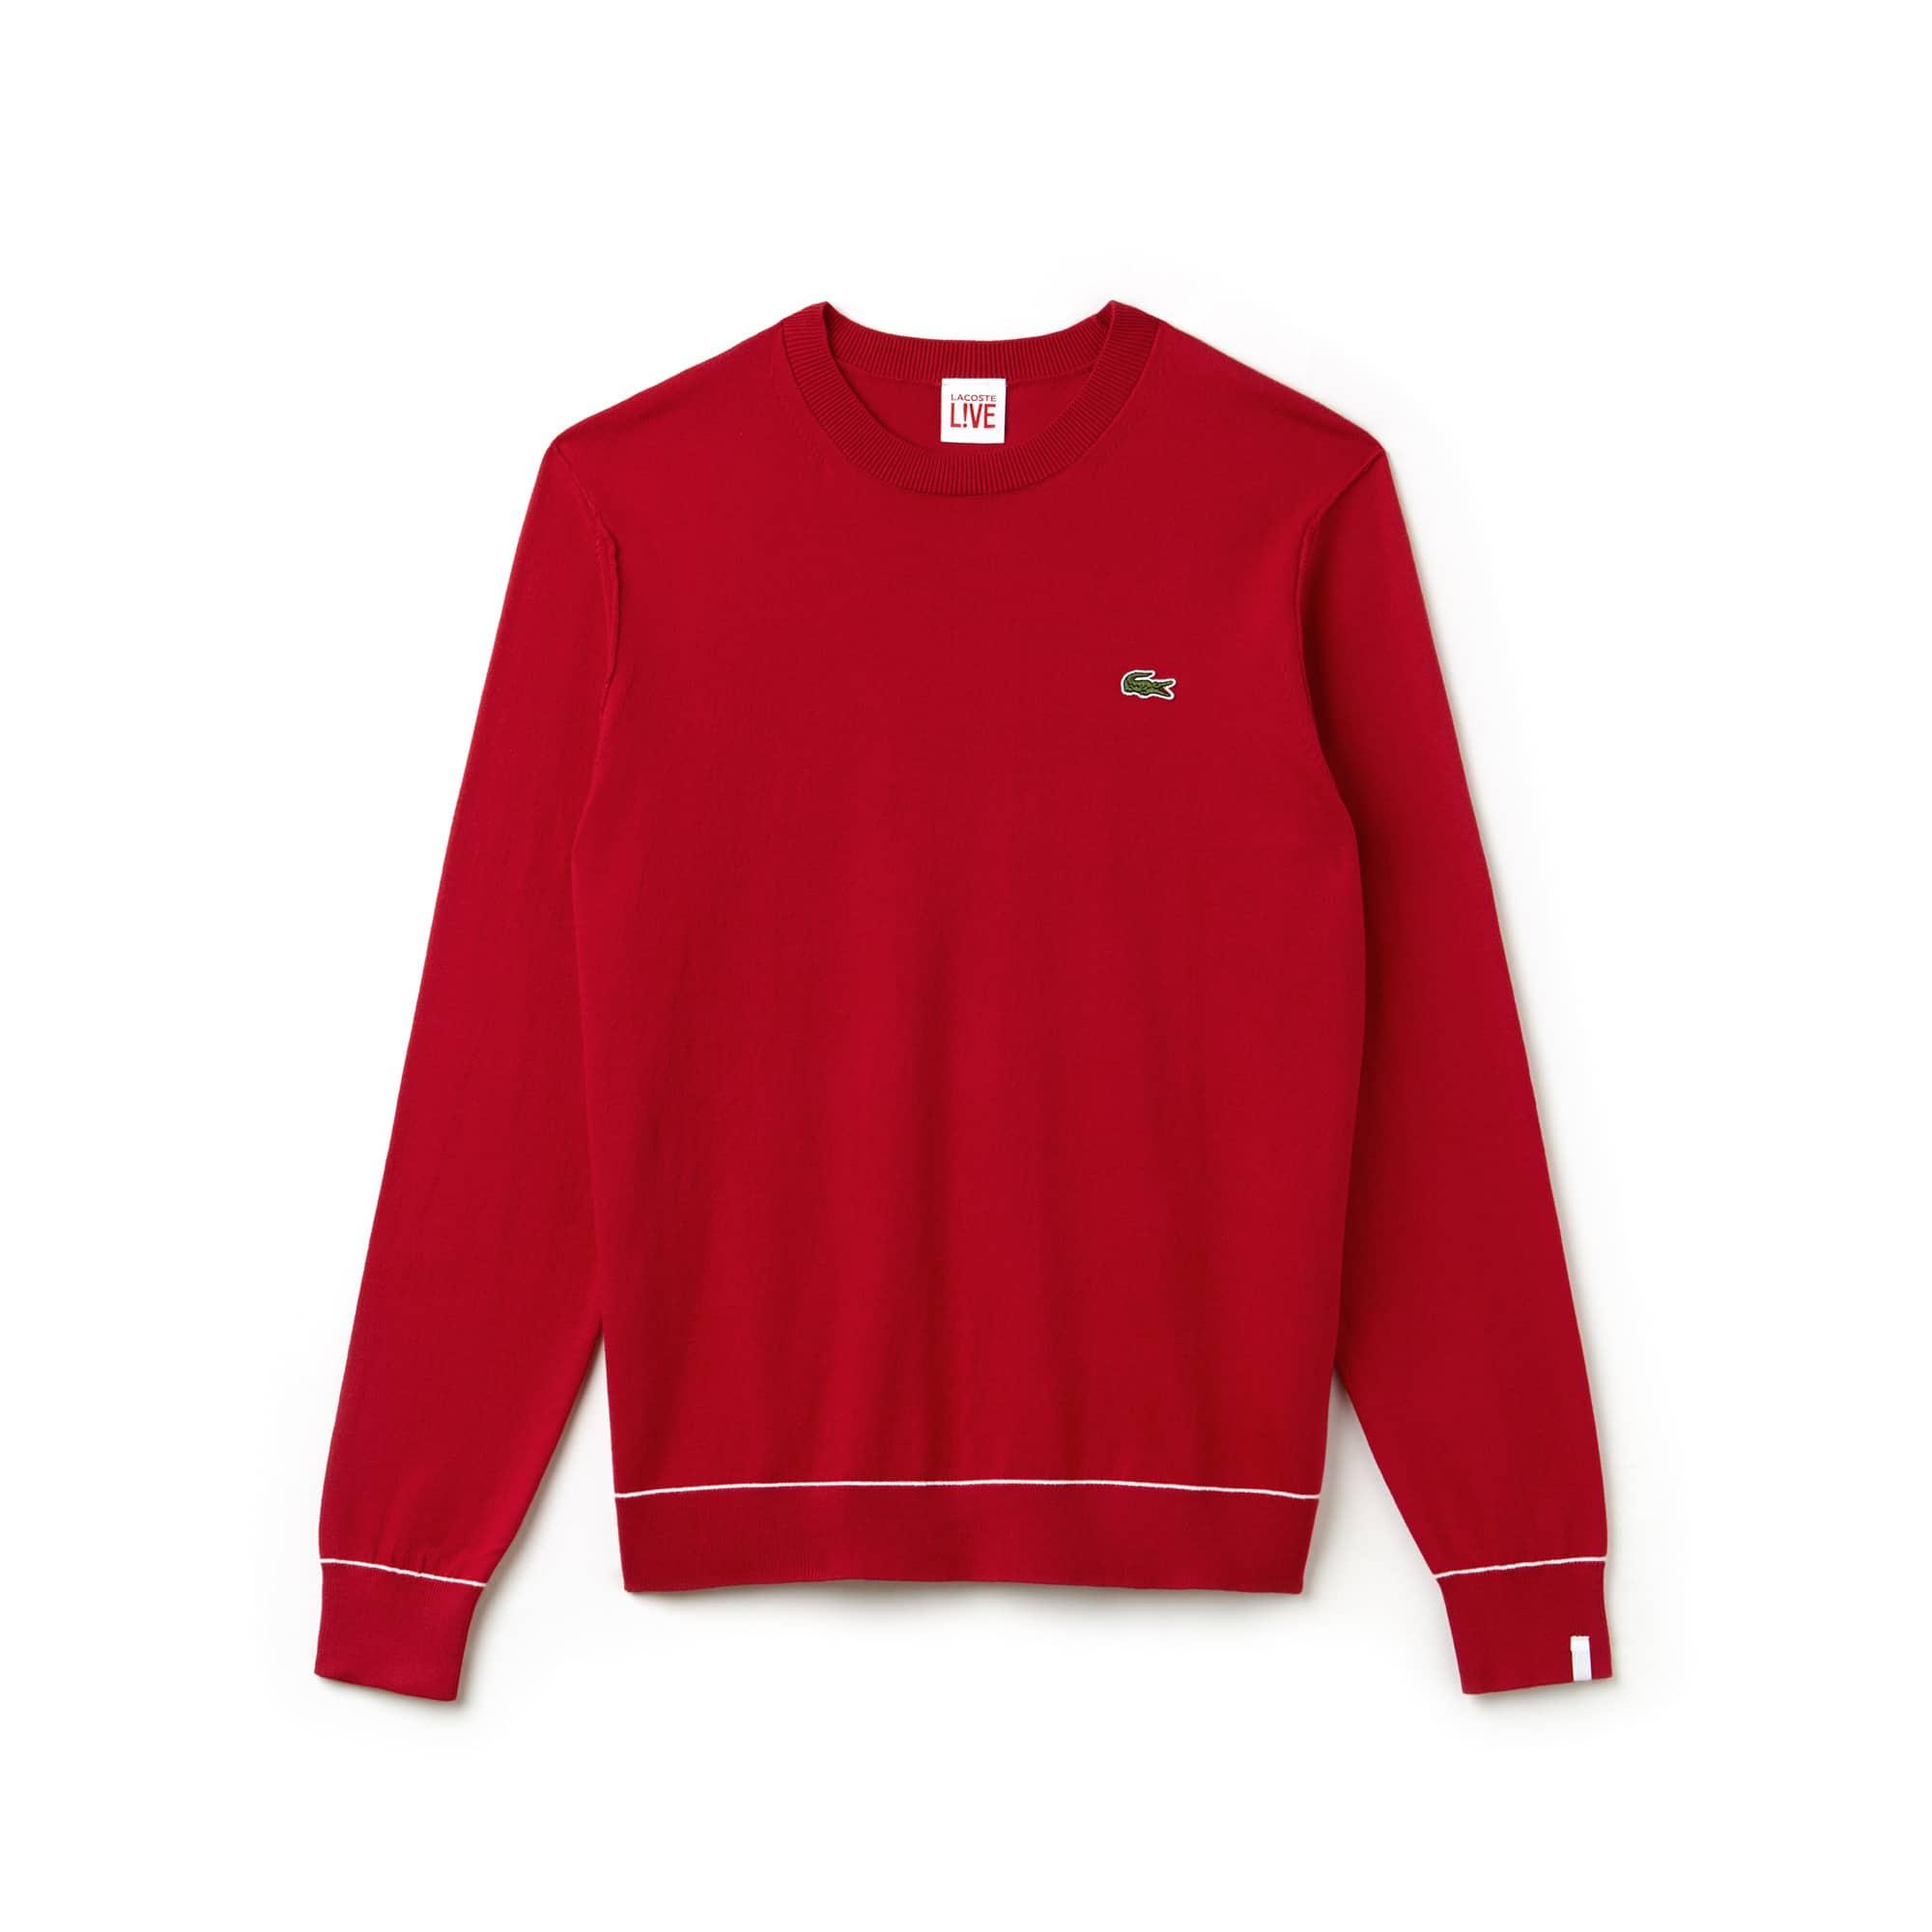 Pullover a girocollo Lacoste LIVE in jersey di cotone e seta tinta unita